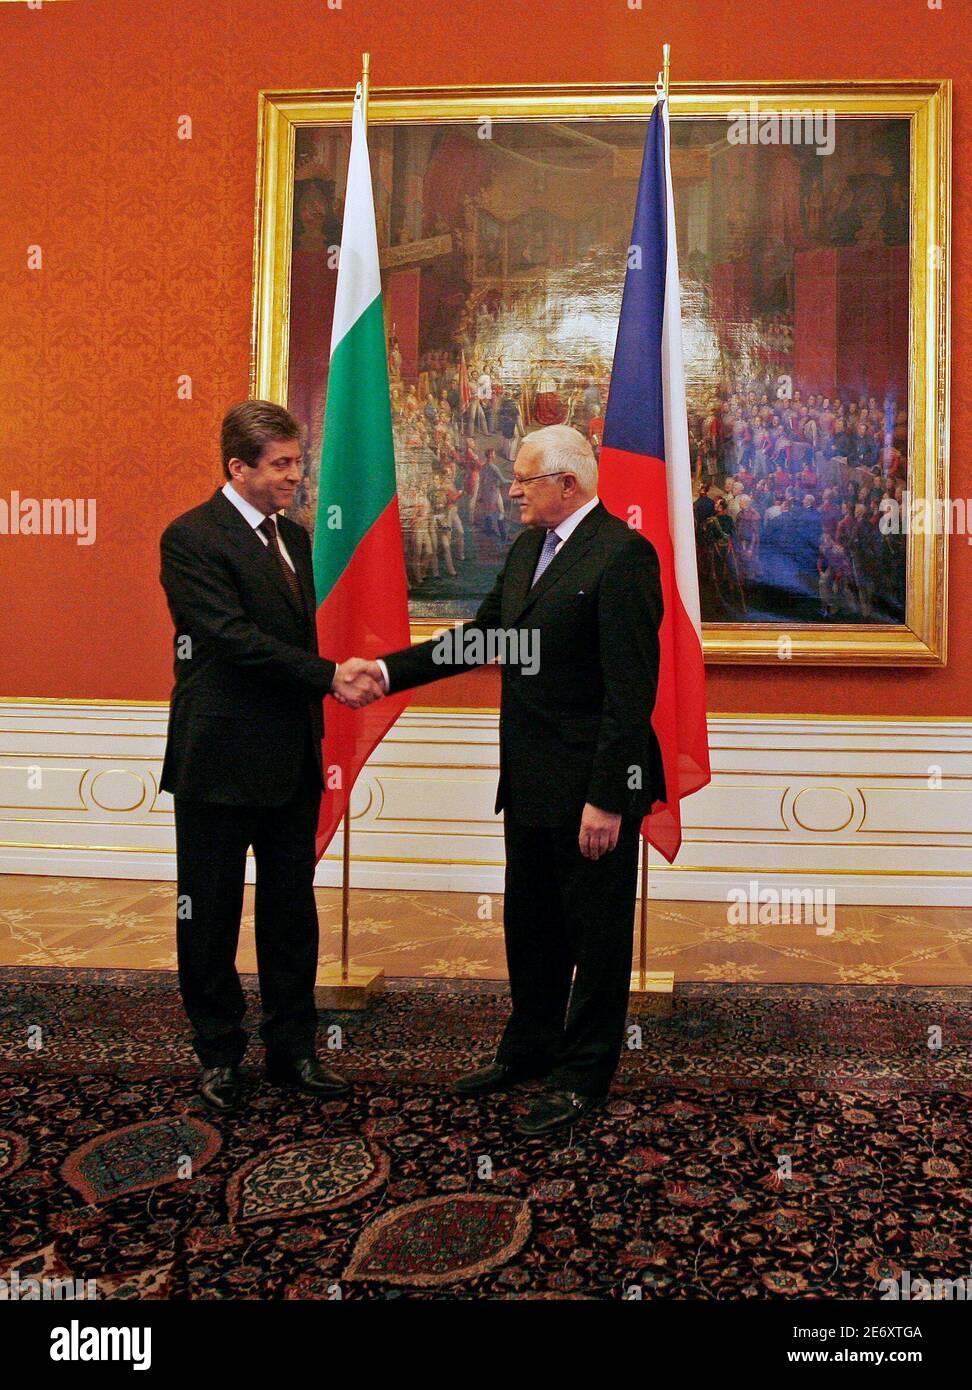 Il presidente della Repubblica ceca Vaclav Klaus (R) dà il benvenuto al presidente della Bulgaria Georgi Parvanov al castello di Praga il 18 marzo 2009. REUTERS/Petr Josek (POLITICA DELLA REPUBBLICA CECA) Foto Stock